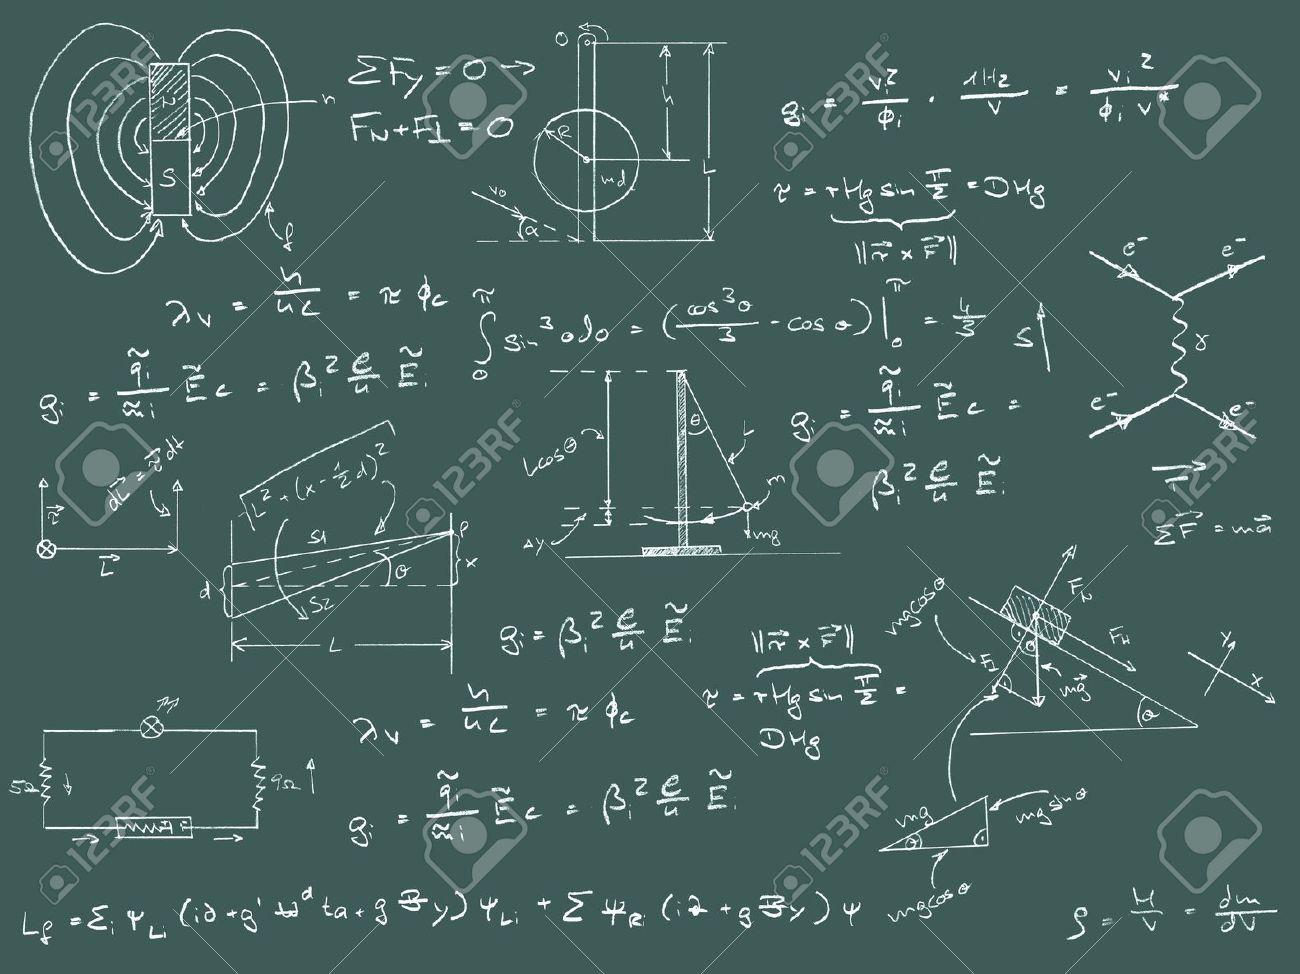 Physik Diagrammen und Formeln Kreide Handschrift auf der grünen Tafel Standard-Bild - 16063963